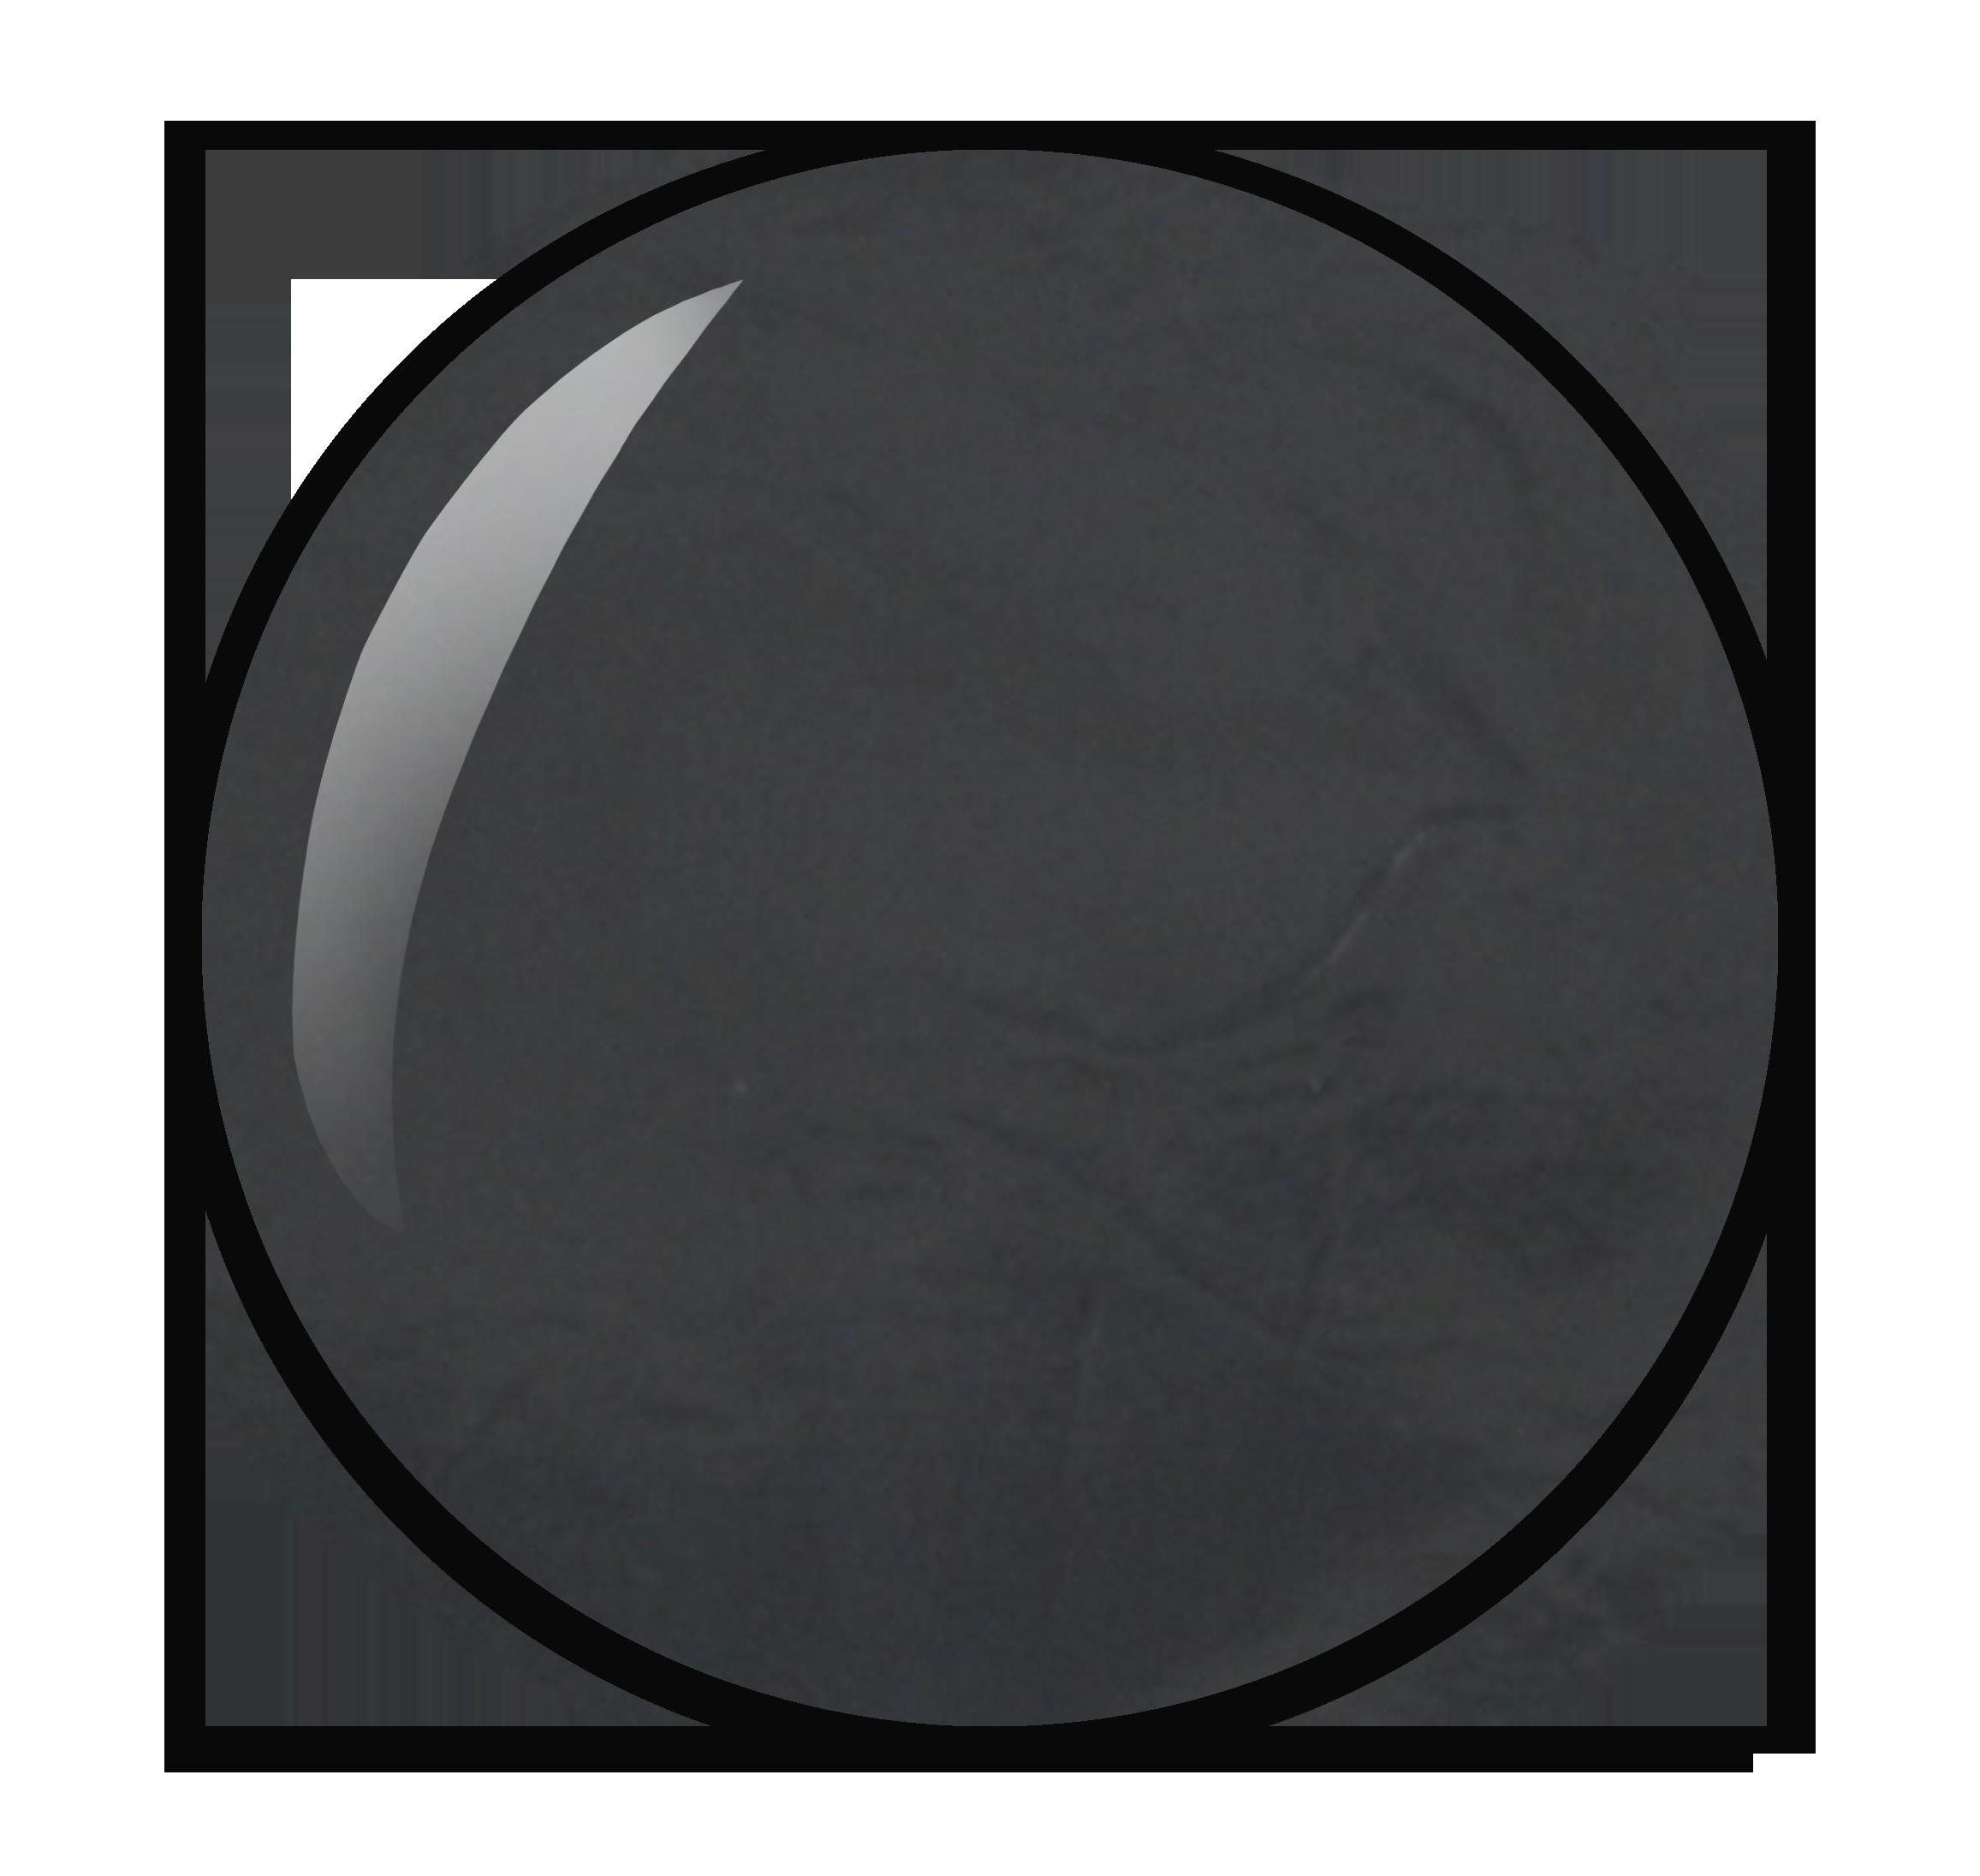 Donker grijze nagellak kleurnummer 66 uit Herôme nagellak collectie